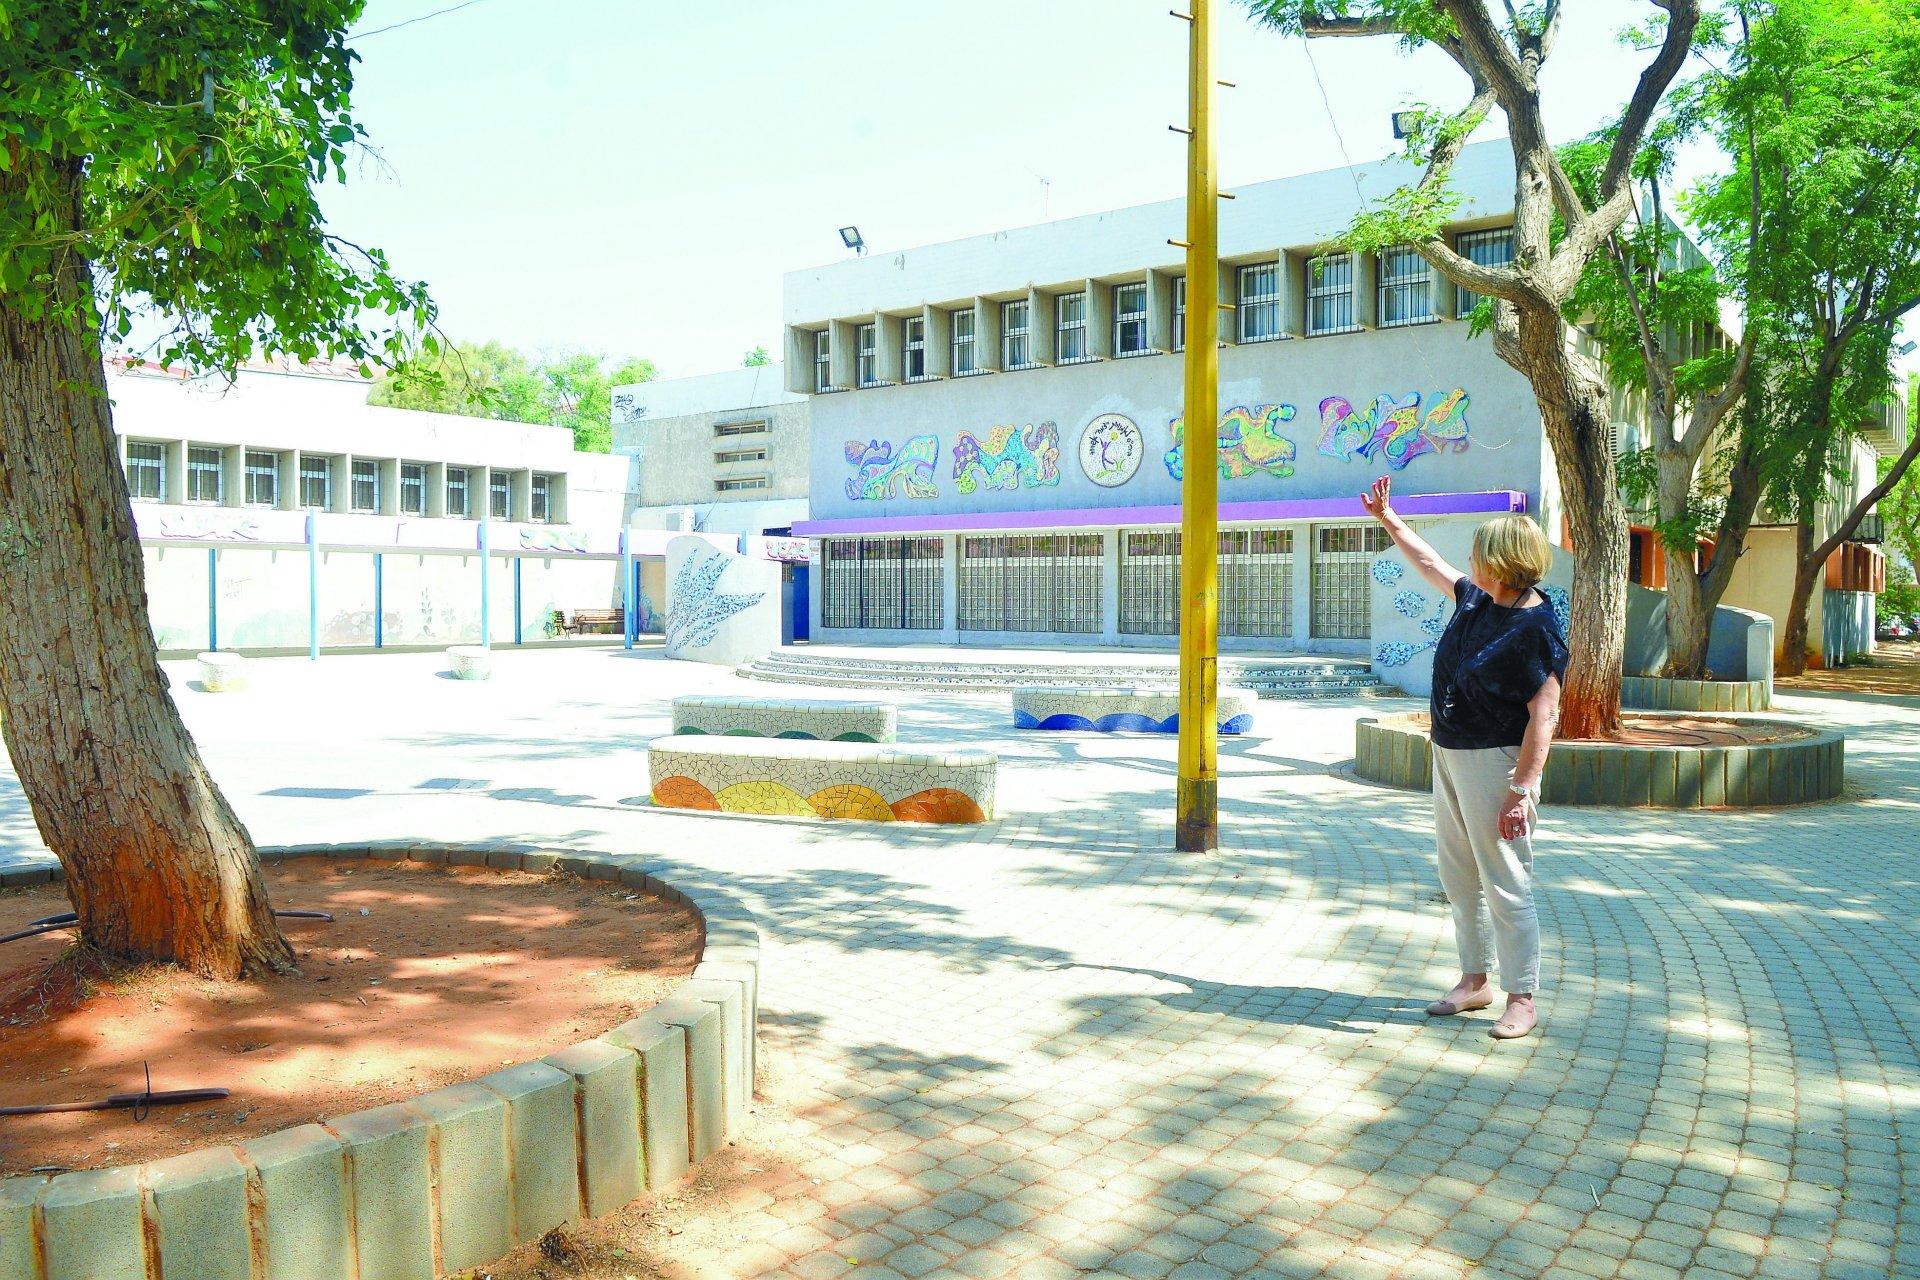 בית ספר צמח: מדוע מתקבלים באמצעות הגרלה?